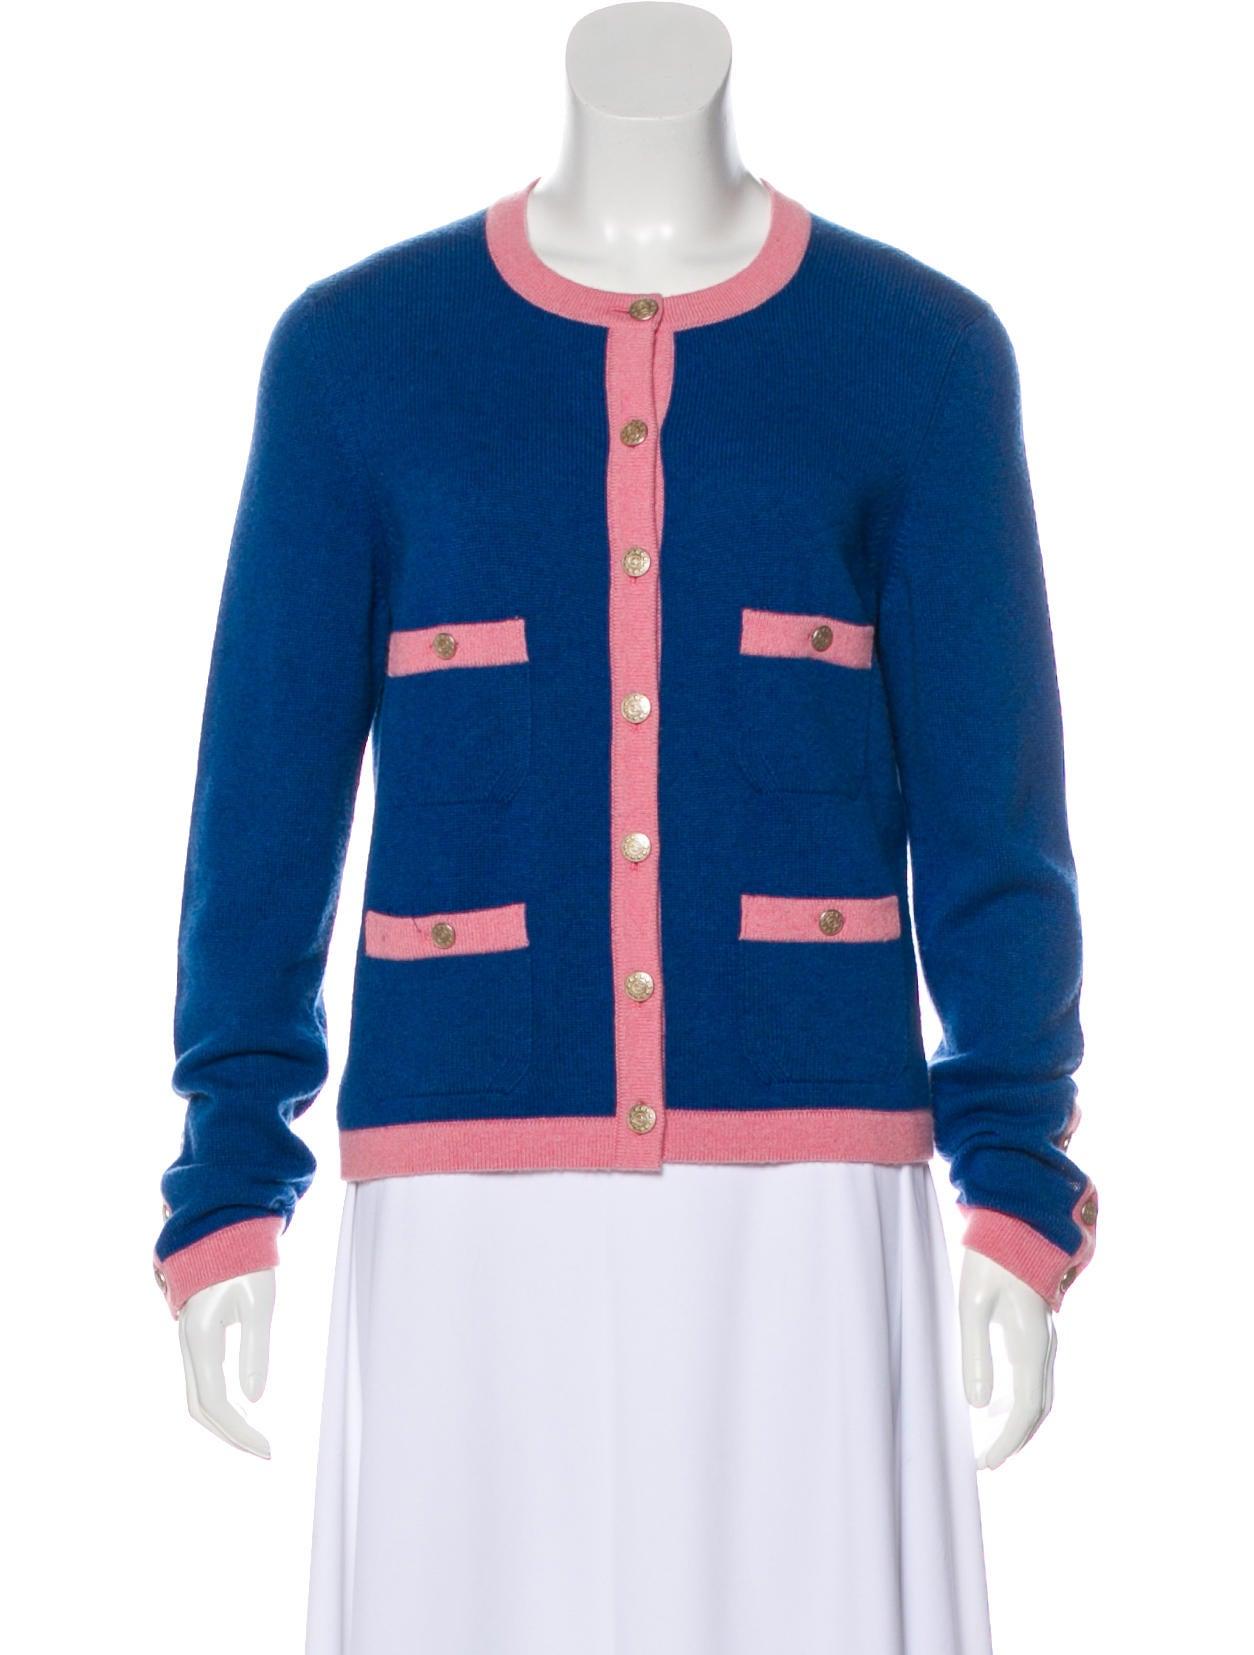 9ddd5385513 Chanel Cashmere Knit Cardigan - Clothing - CHA328925